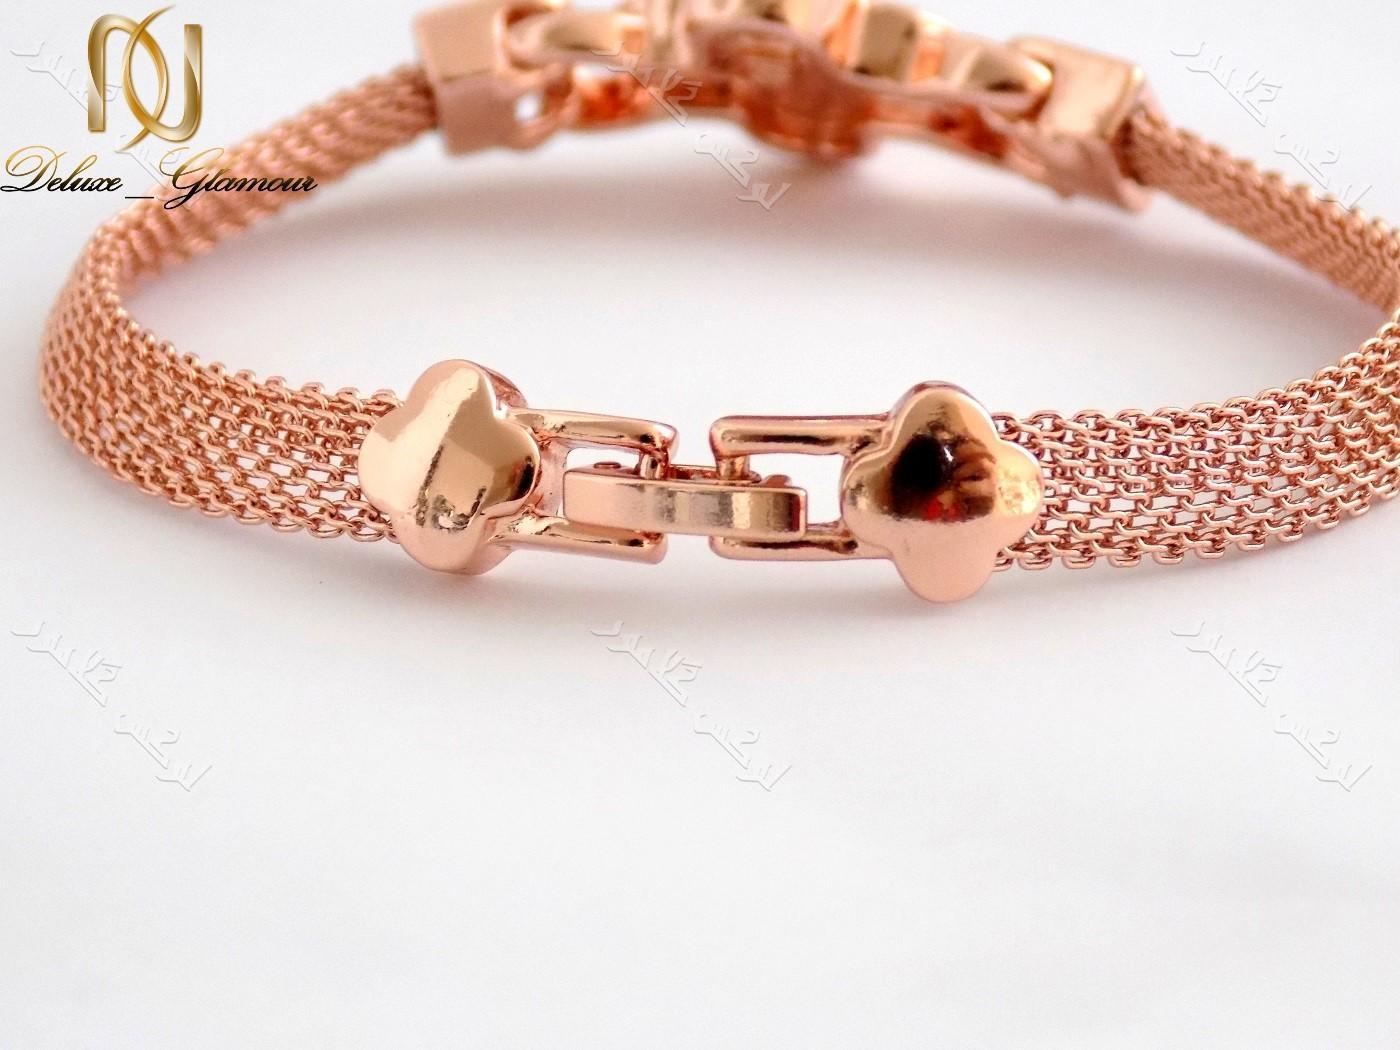 دستبند دخترانه ظریف رزگلد طرح گل کلیو با کریستالهای سواروفسکی اصلDs-n151 عکس قفل دستبند